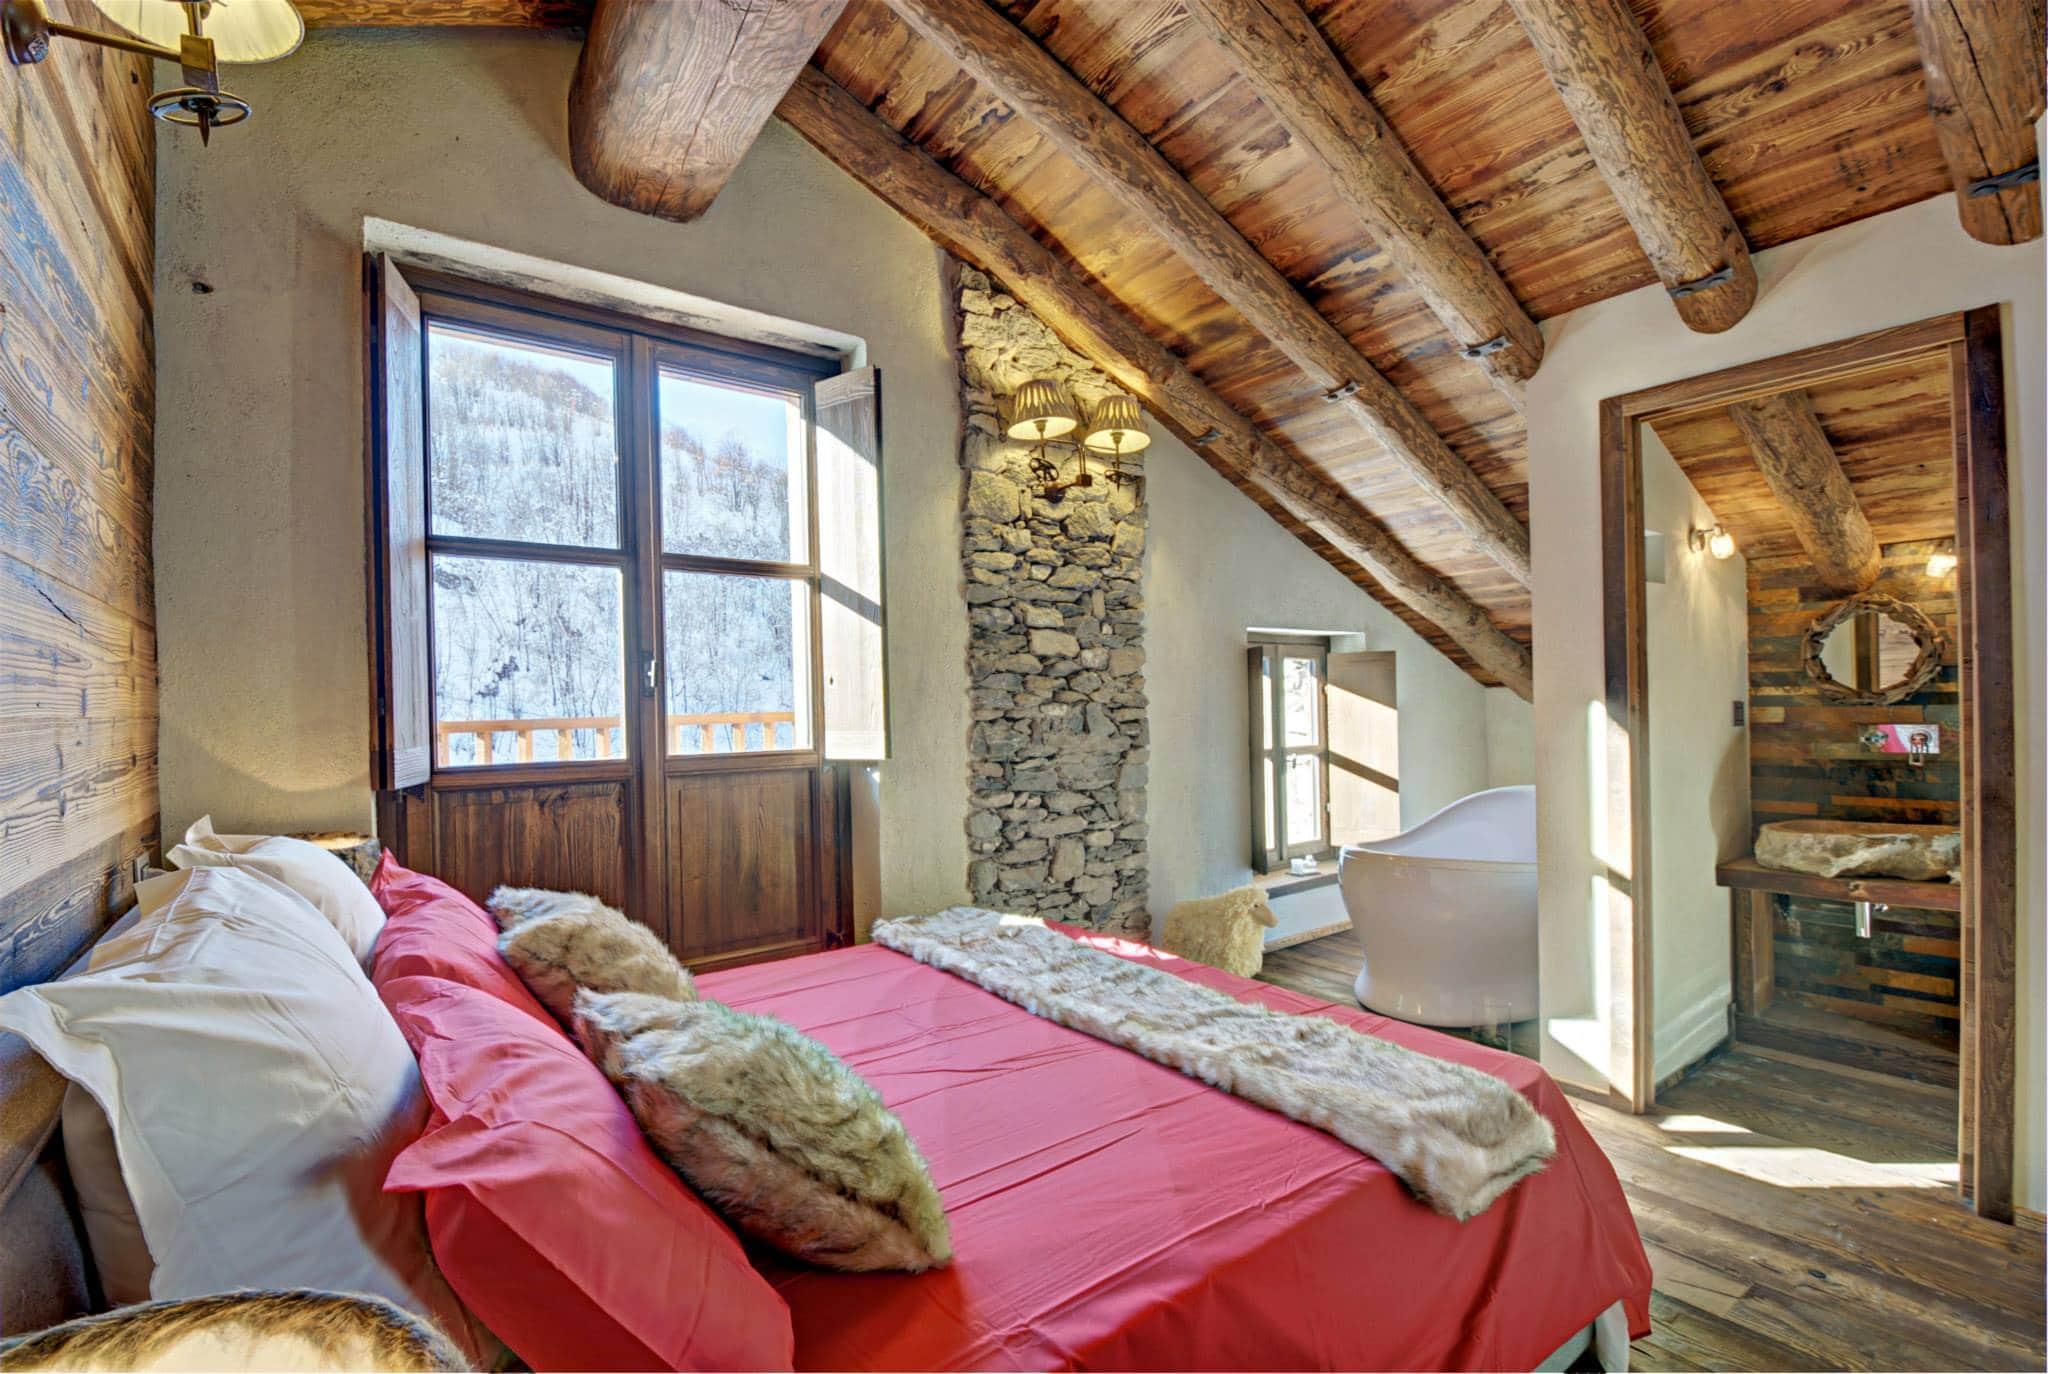 dormitorio principal rstico